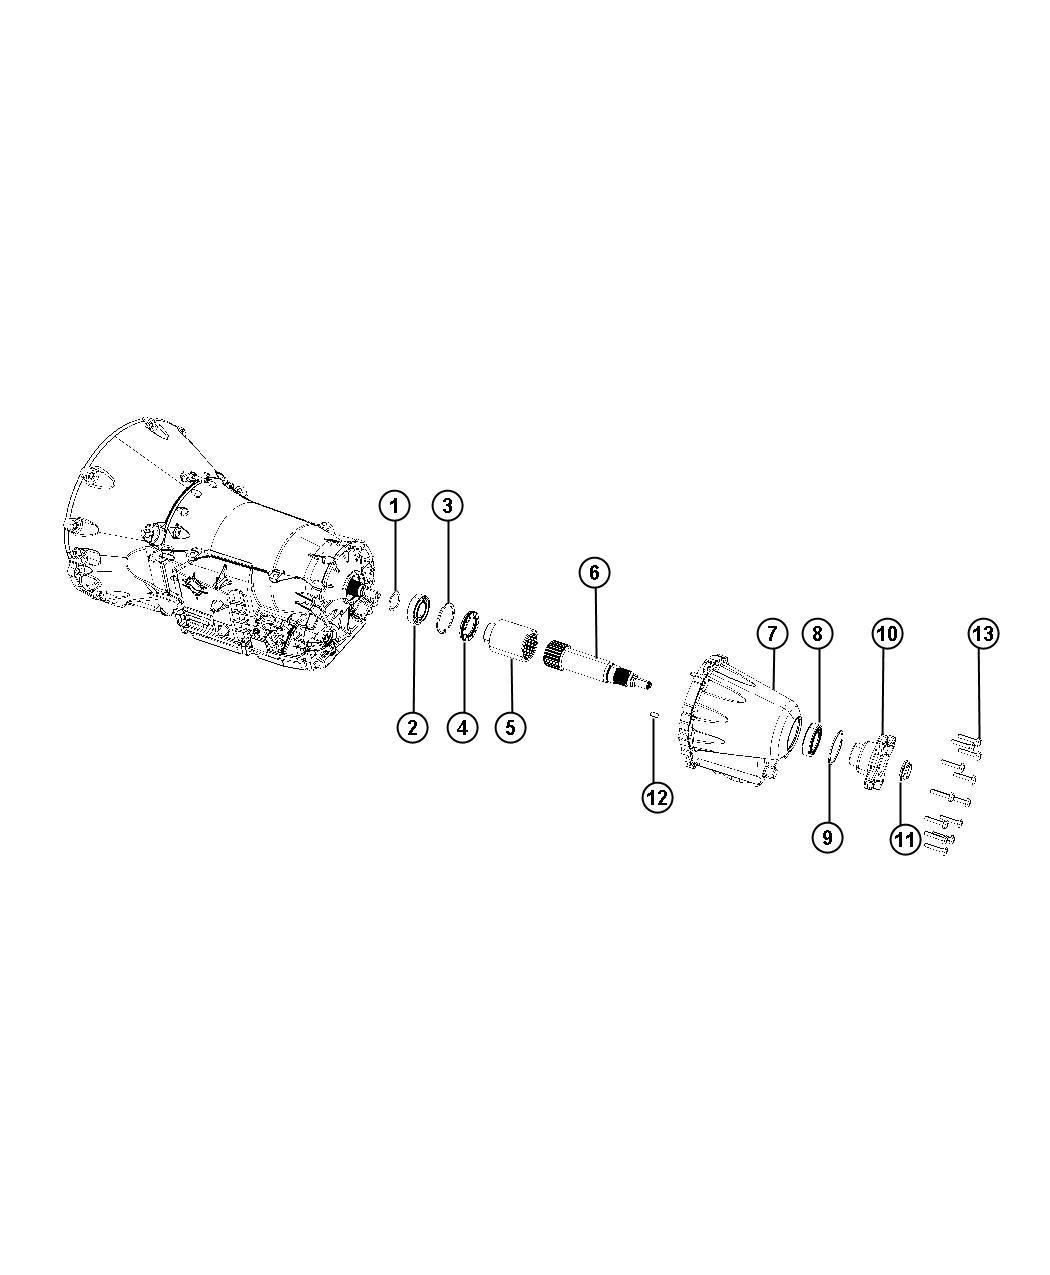 [DIAGRAM] 7 Way Trailer Plug With Round Connectors Mopar